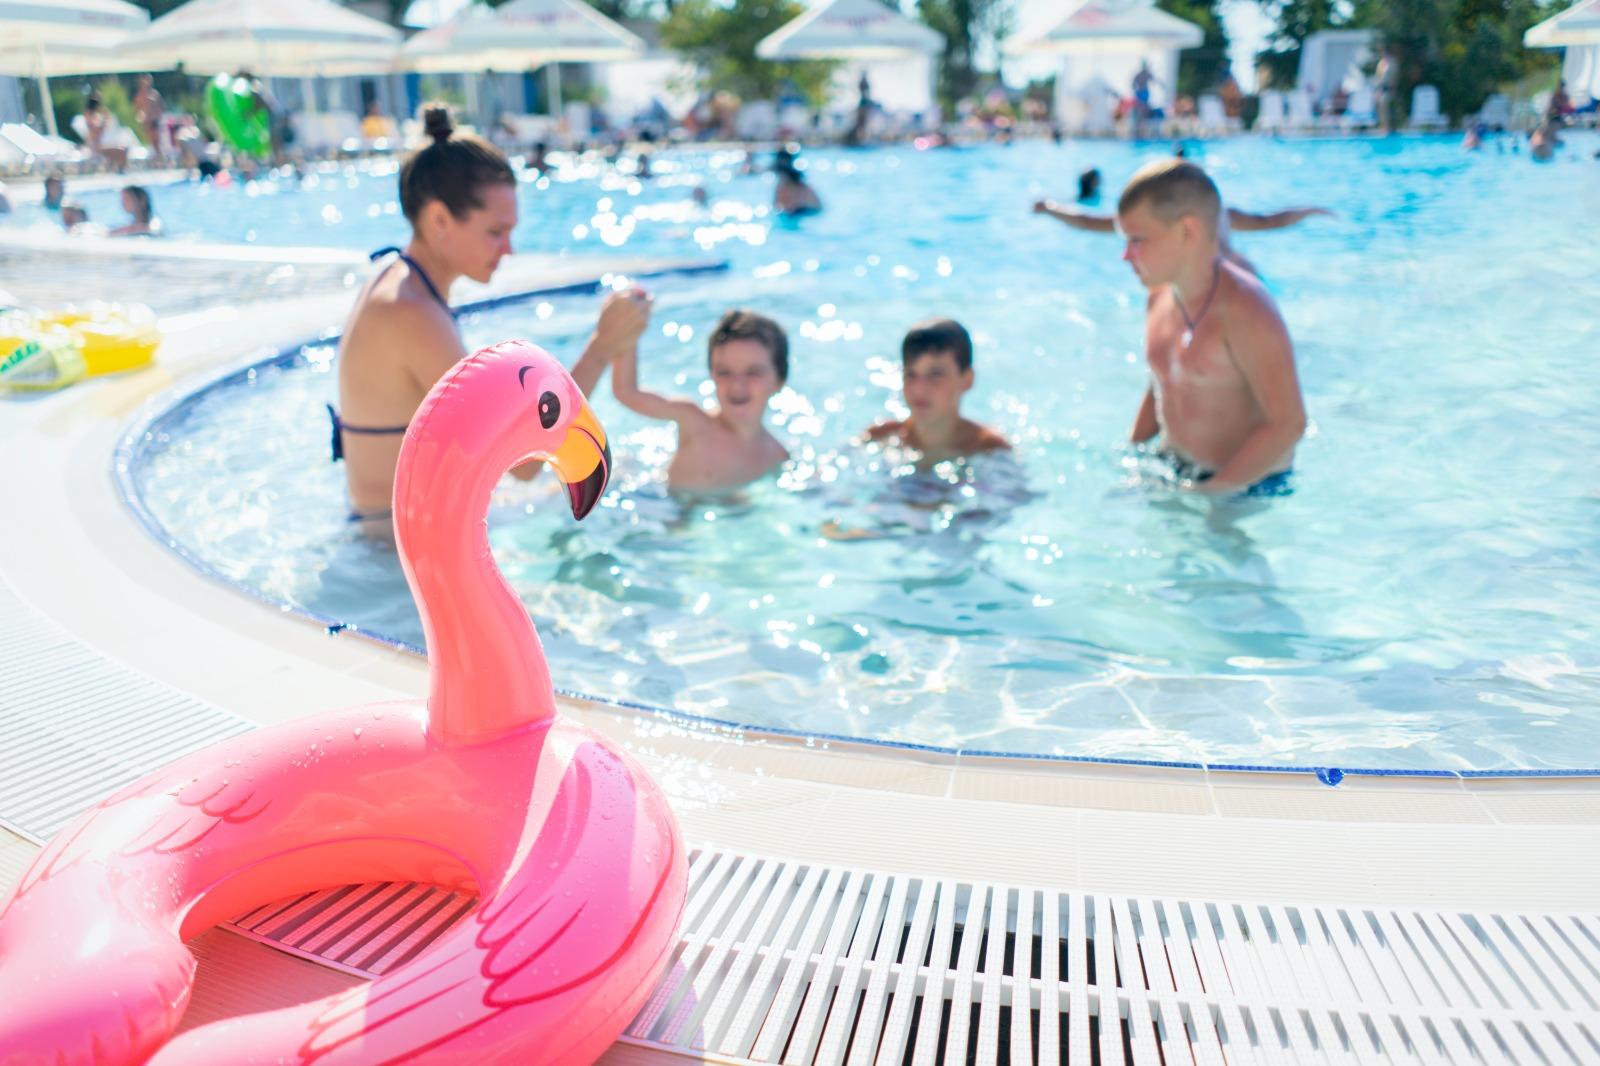 Foto, l'immagine ritrae una piscina rotonda con tanta gente. in primissimo piano un salvagente a forma di airone rosa poggiato sul bordo piscina. dietro, in secondo piano col viso sfocato, due bambini, un ragazzino e la mamma che giocano insieme